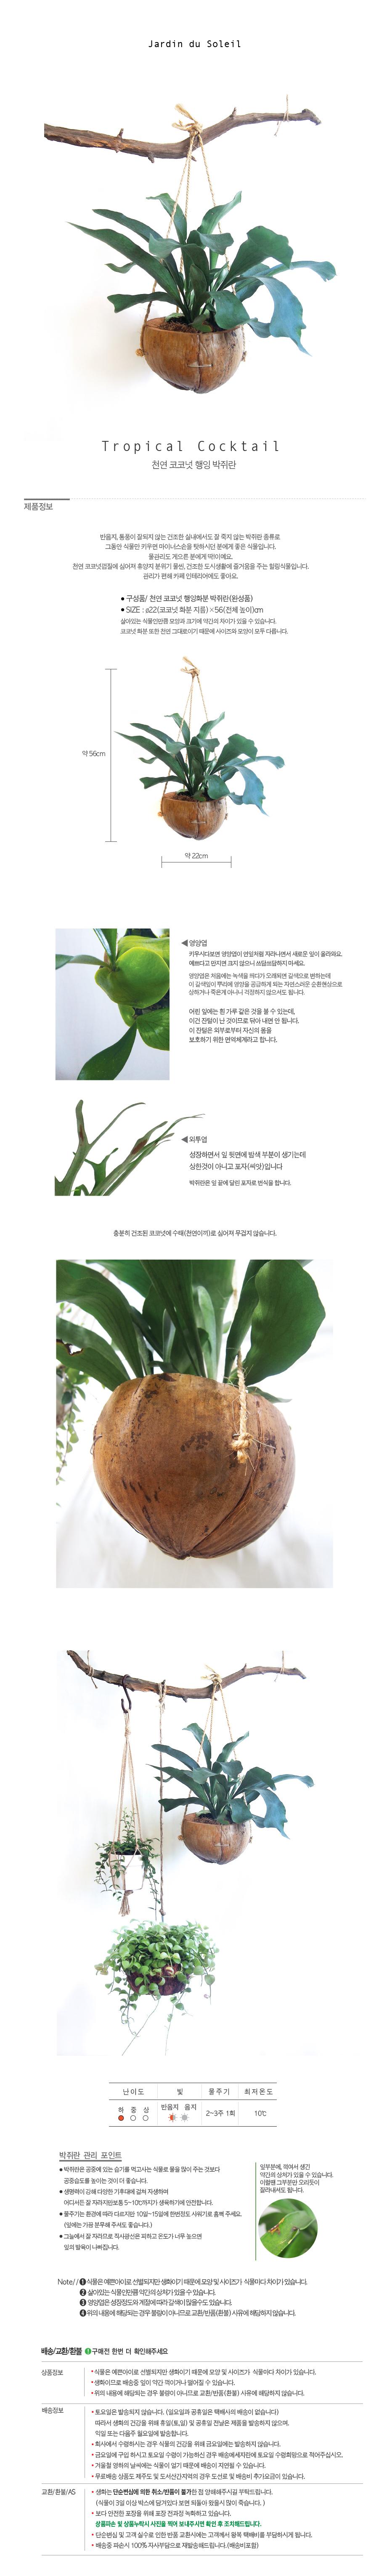 트로피칼 칵테일-박쥐란 천연코코넛 행잉화분 - 태양의 정원, 71,200원, 허브/다육/선인장, 공기정화식물